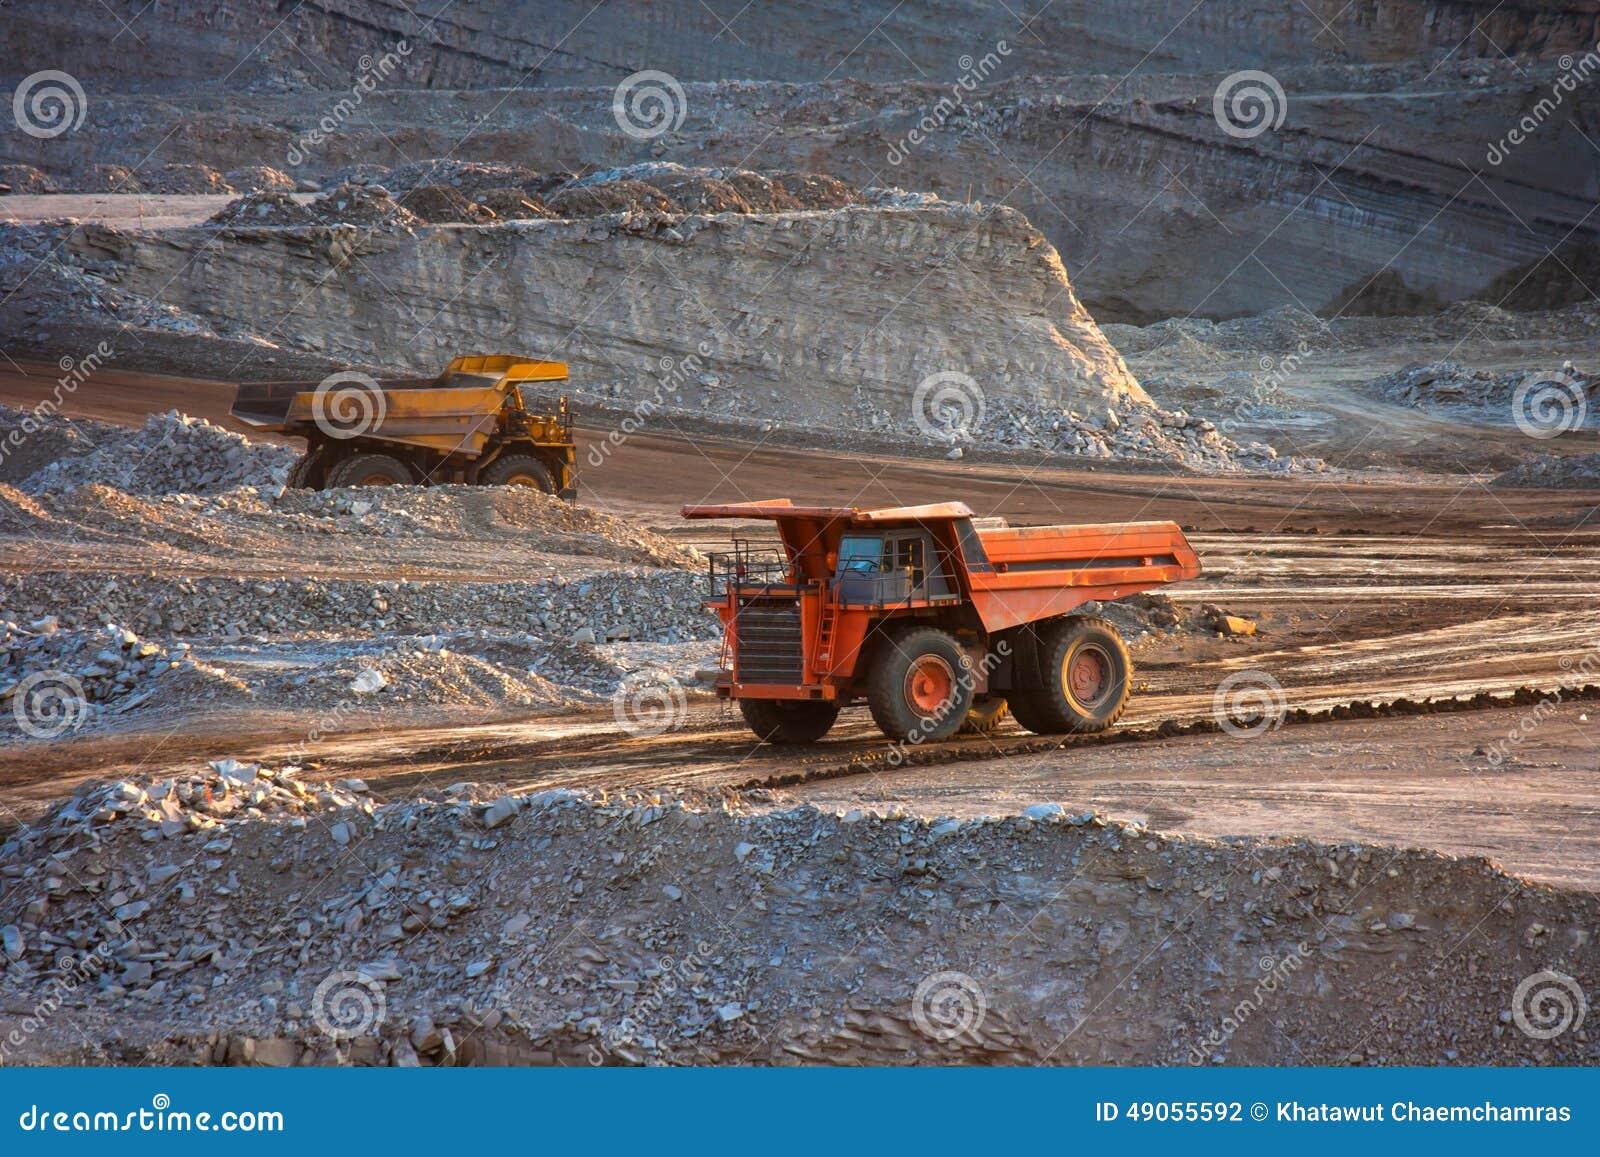 Kohle-Vorbereitungsanlage Großer Bergbau-LKW an Arbeitsstandort-Kohlentransport